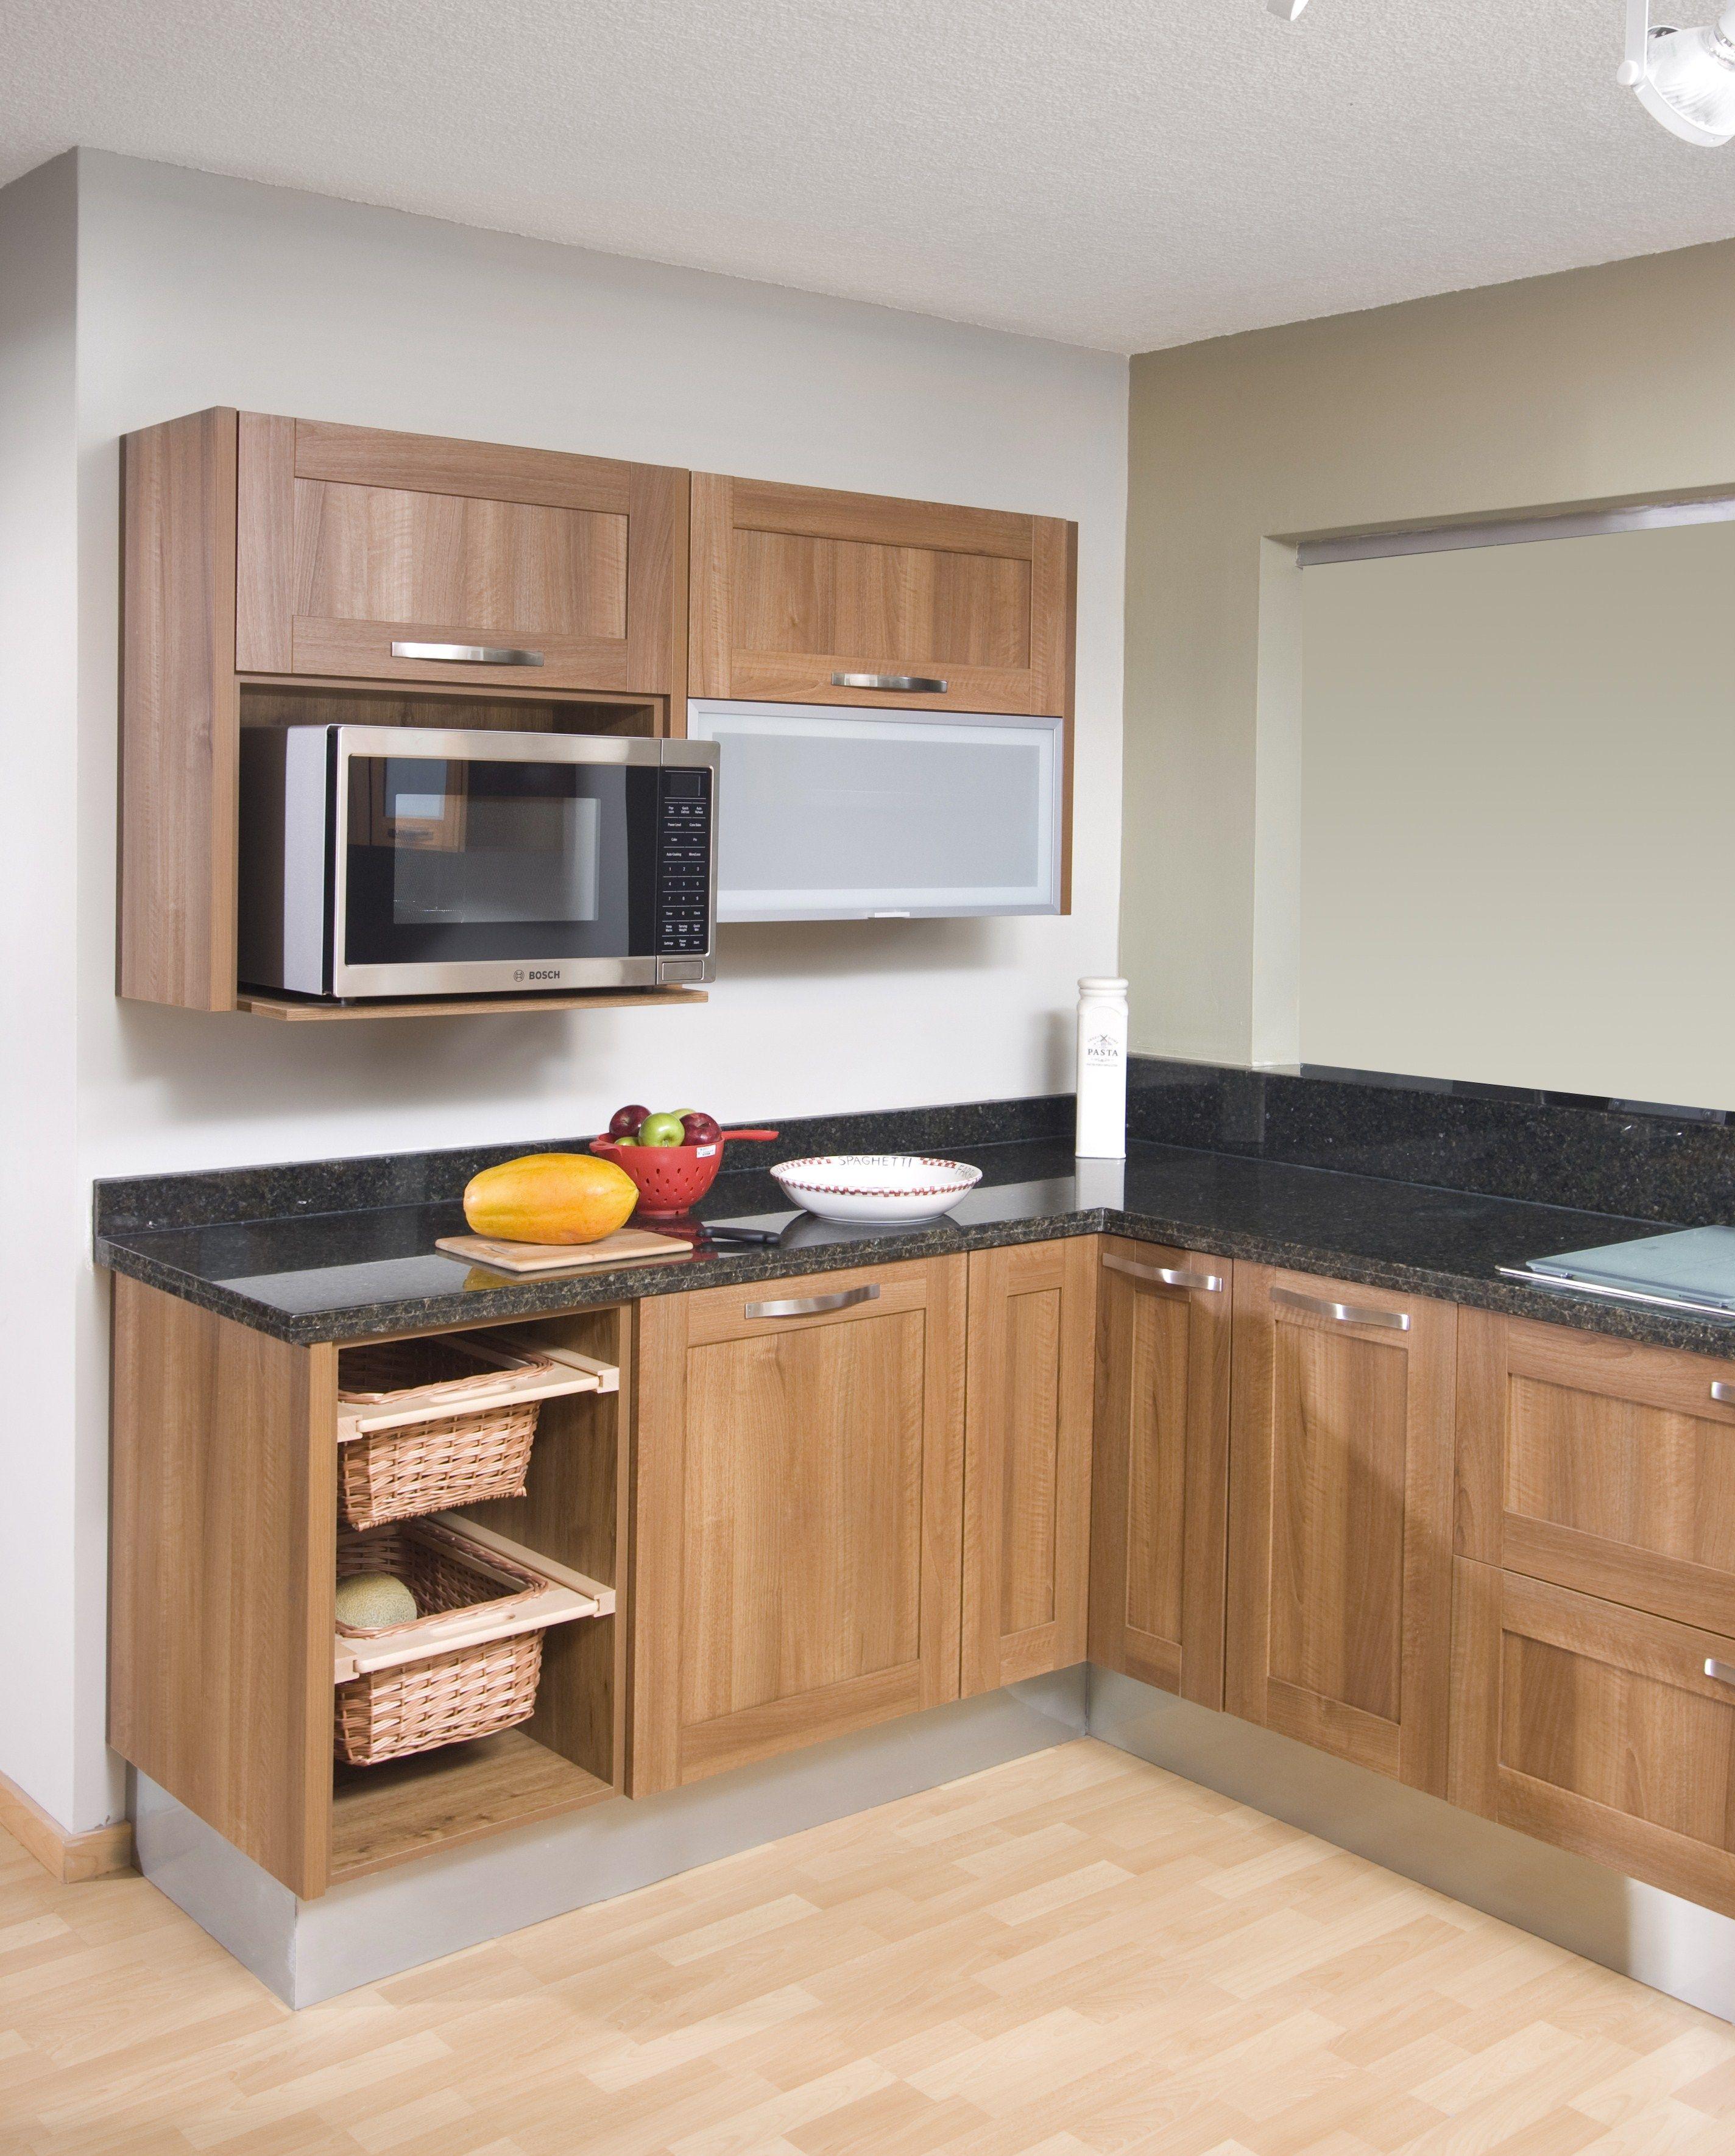 Diseno de cocinas pequenas inspiraci n de dise o de for Disenos de muebles de cocina colgantes